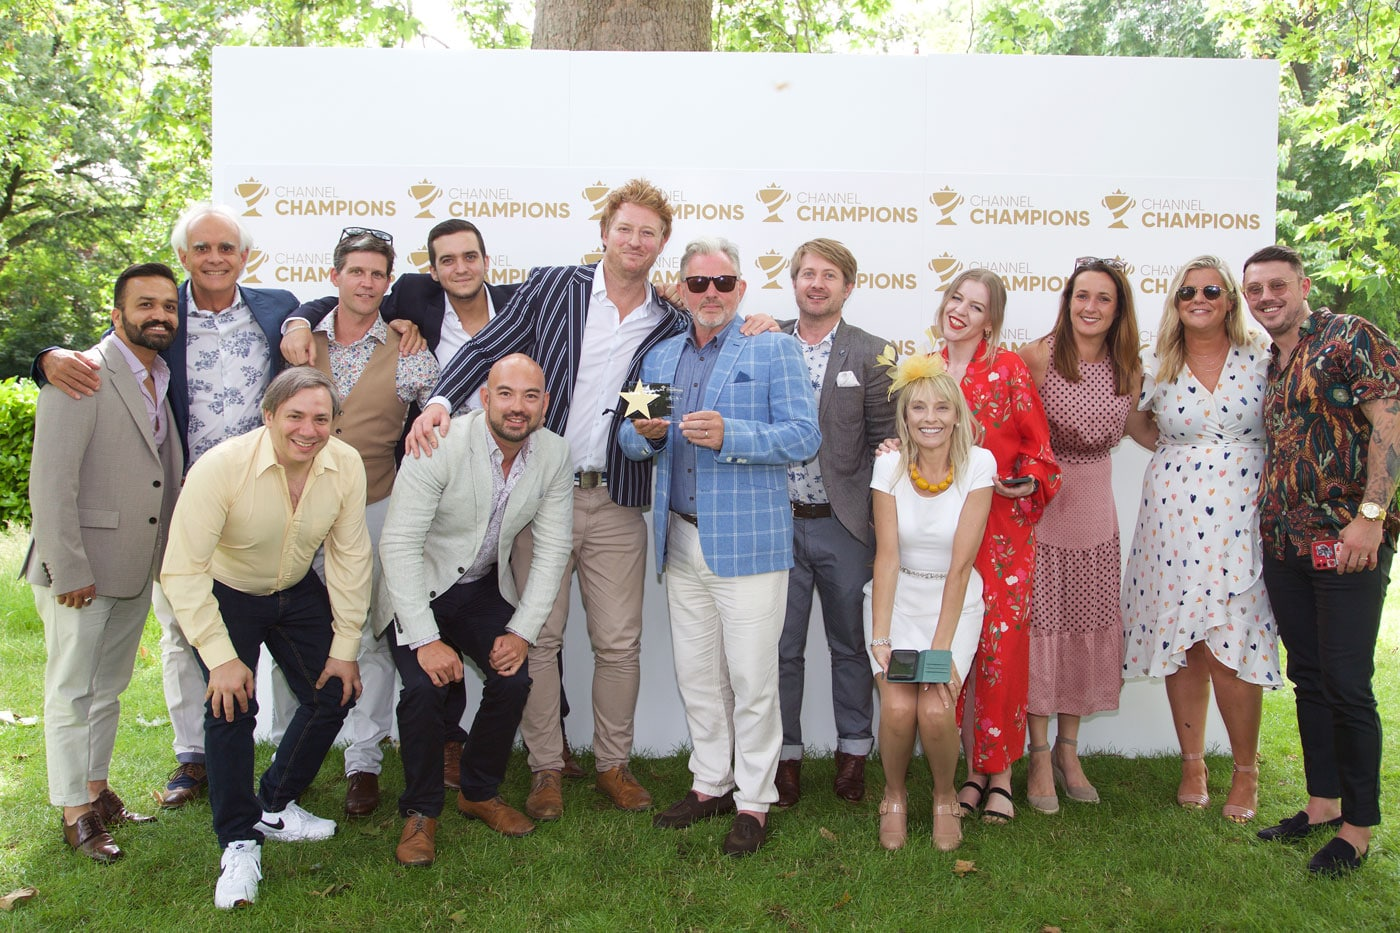 Pangea IoT News - Comms Dealer Channel Champions 2021 Winning team